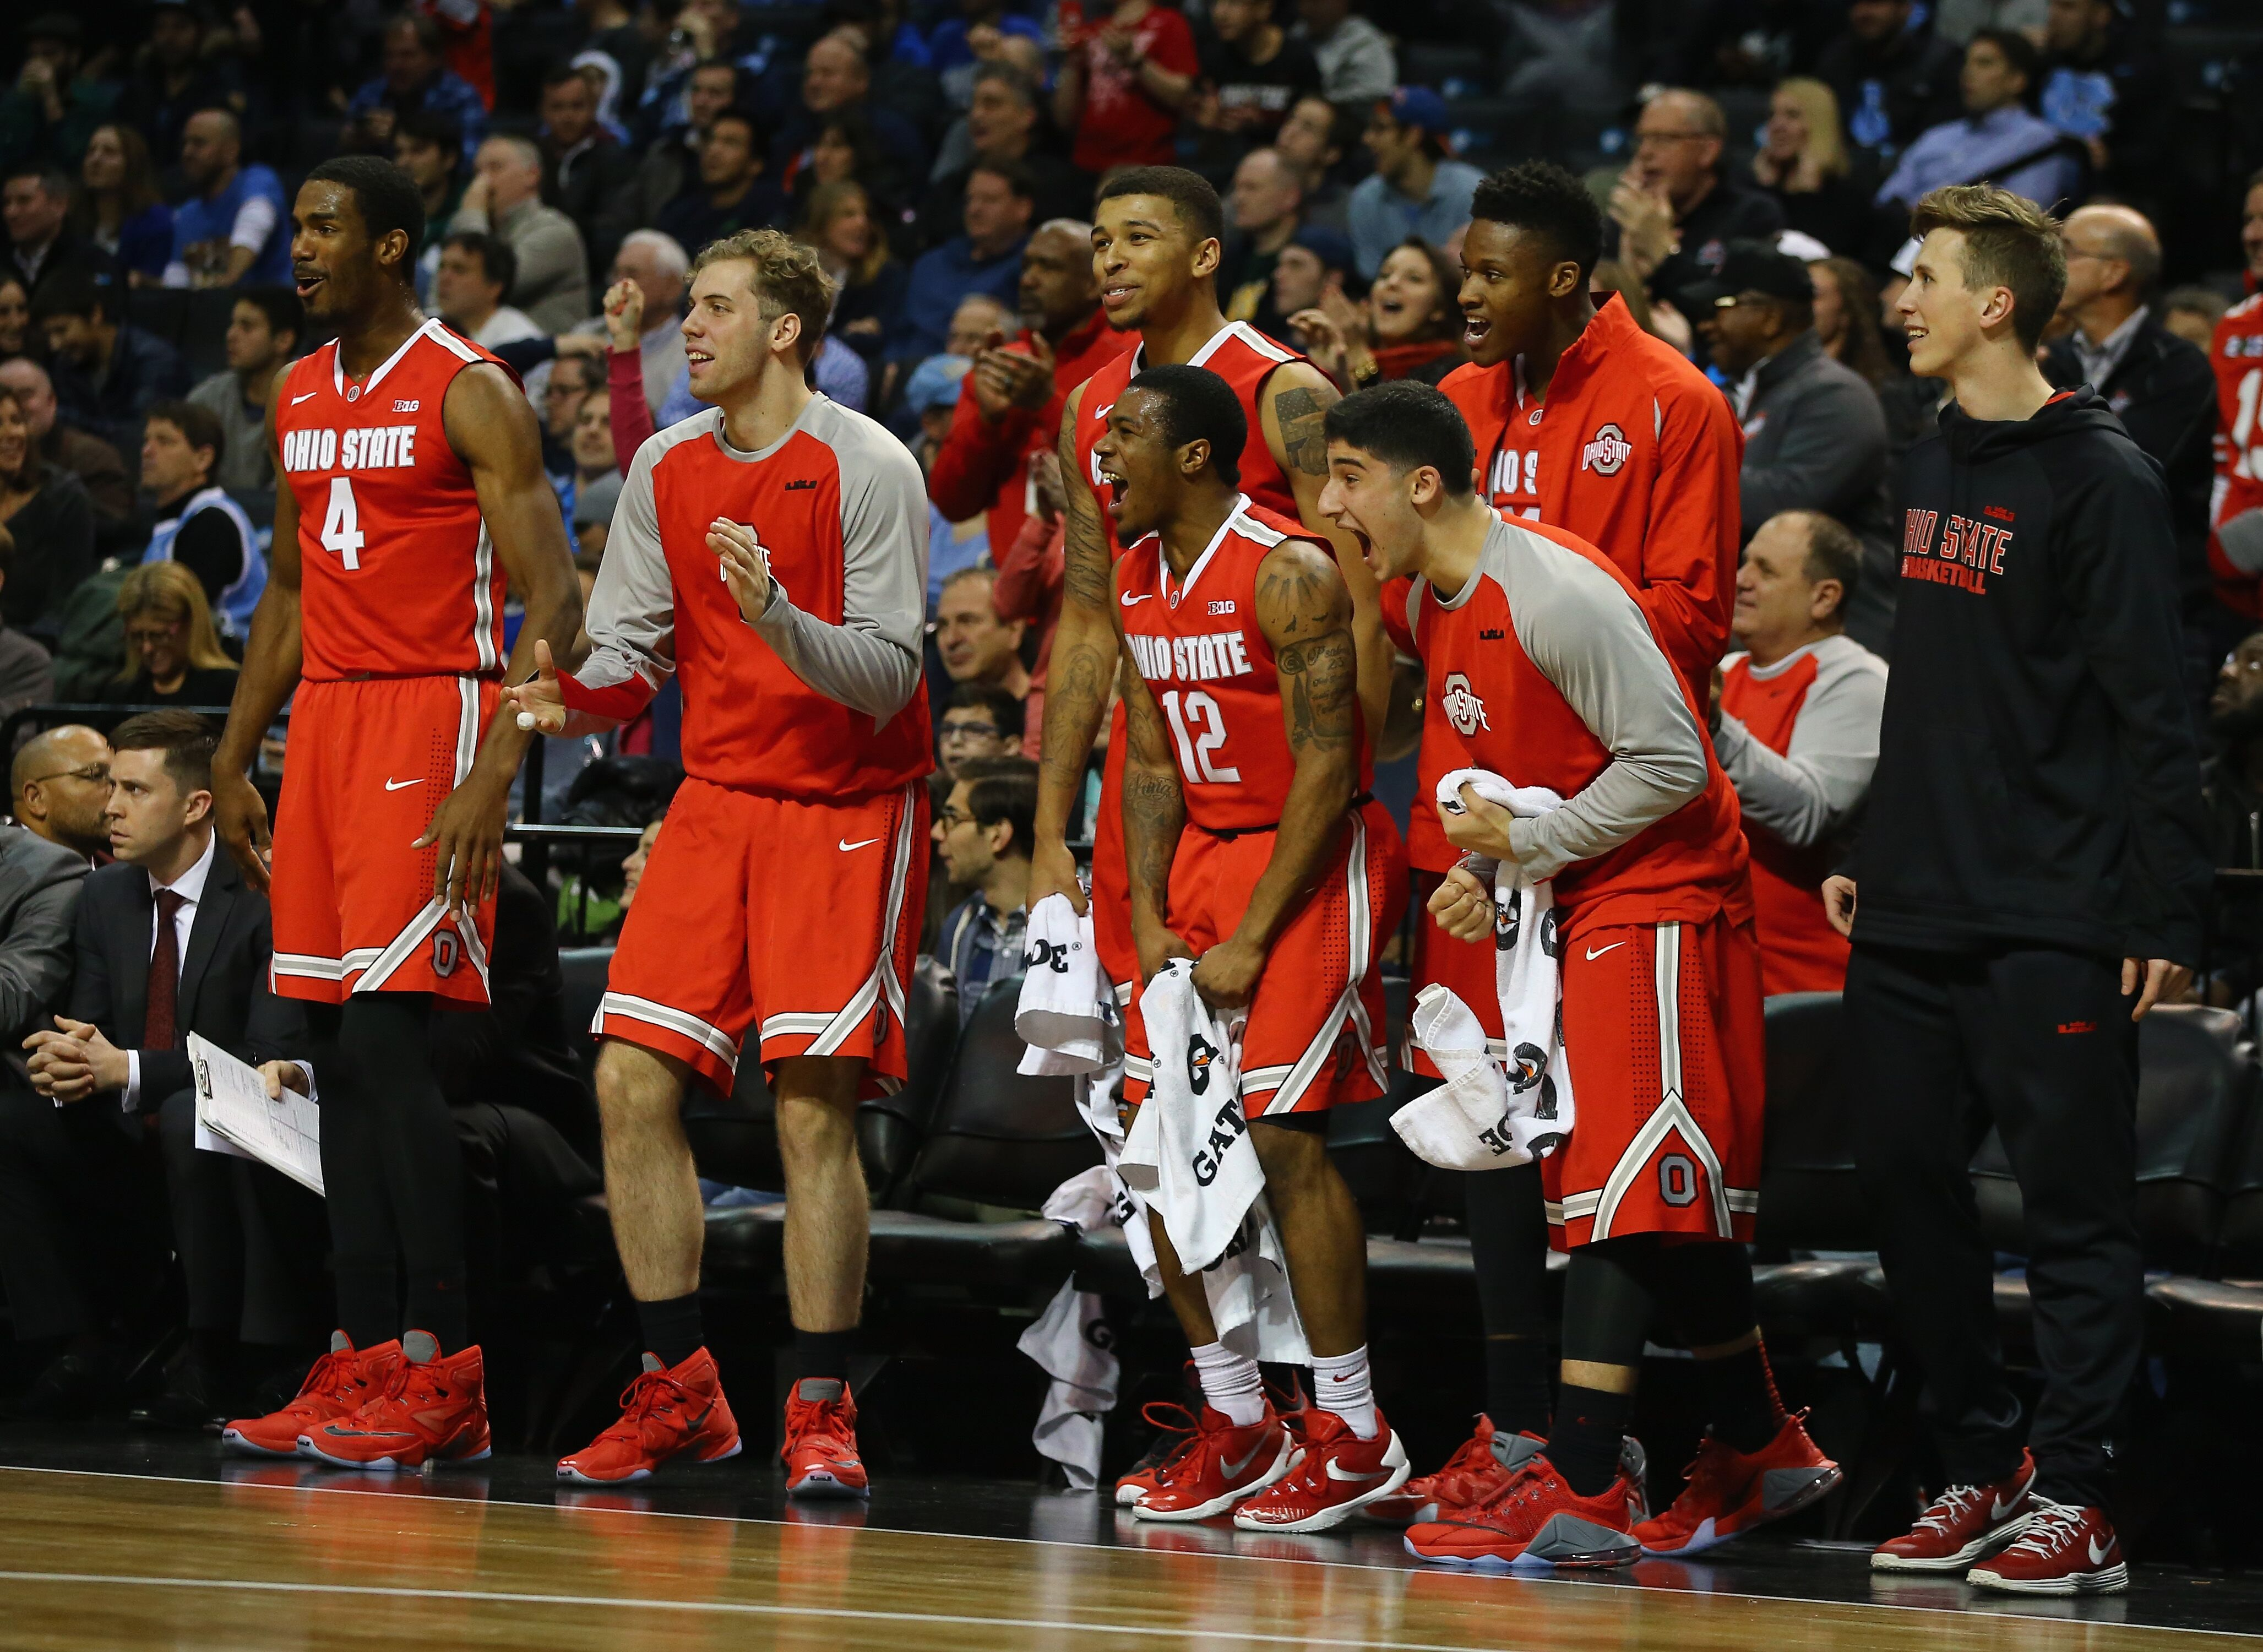 Kentucky Basketball 2017 18 Season Preview For The Wildcats: Ohio State Basketball: 2017-18 Season Preview For The